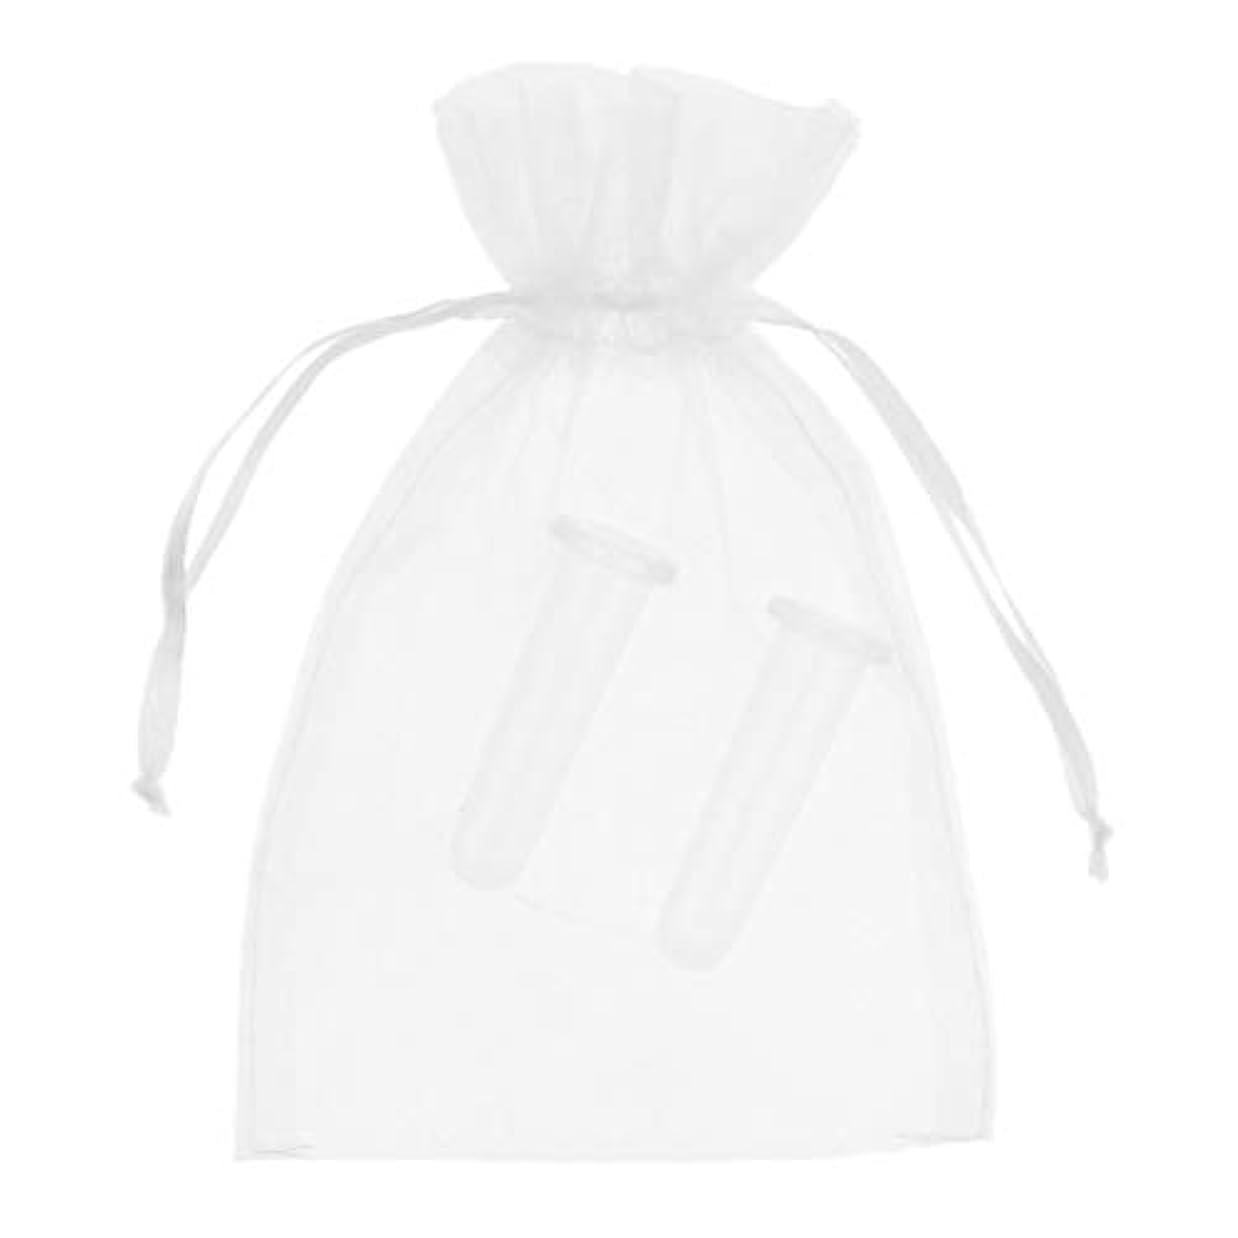 議会カウント勤勉2個 シリコーン製 真空 顔用マッサージ カッピング 吸い玉カップ カッピング 収納ポーチ付き全2色 - ホワイト